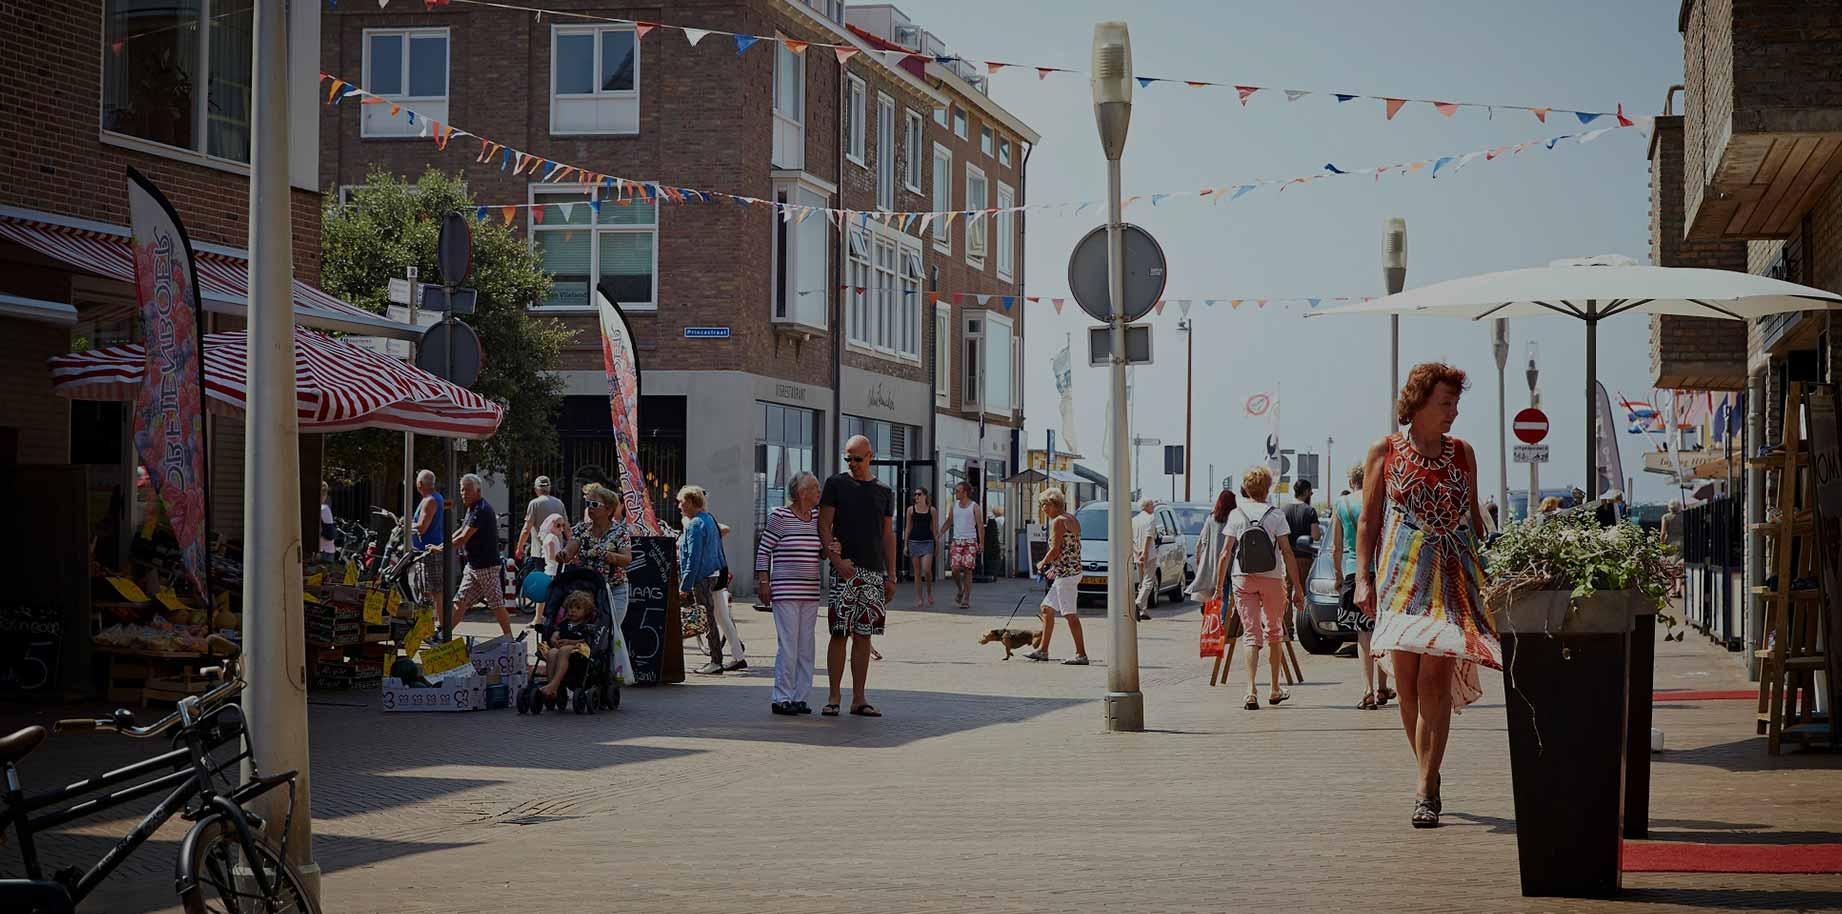 Centrum Katwijk aan Zee